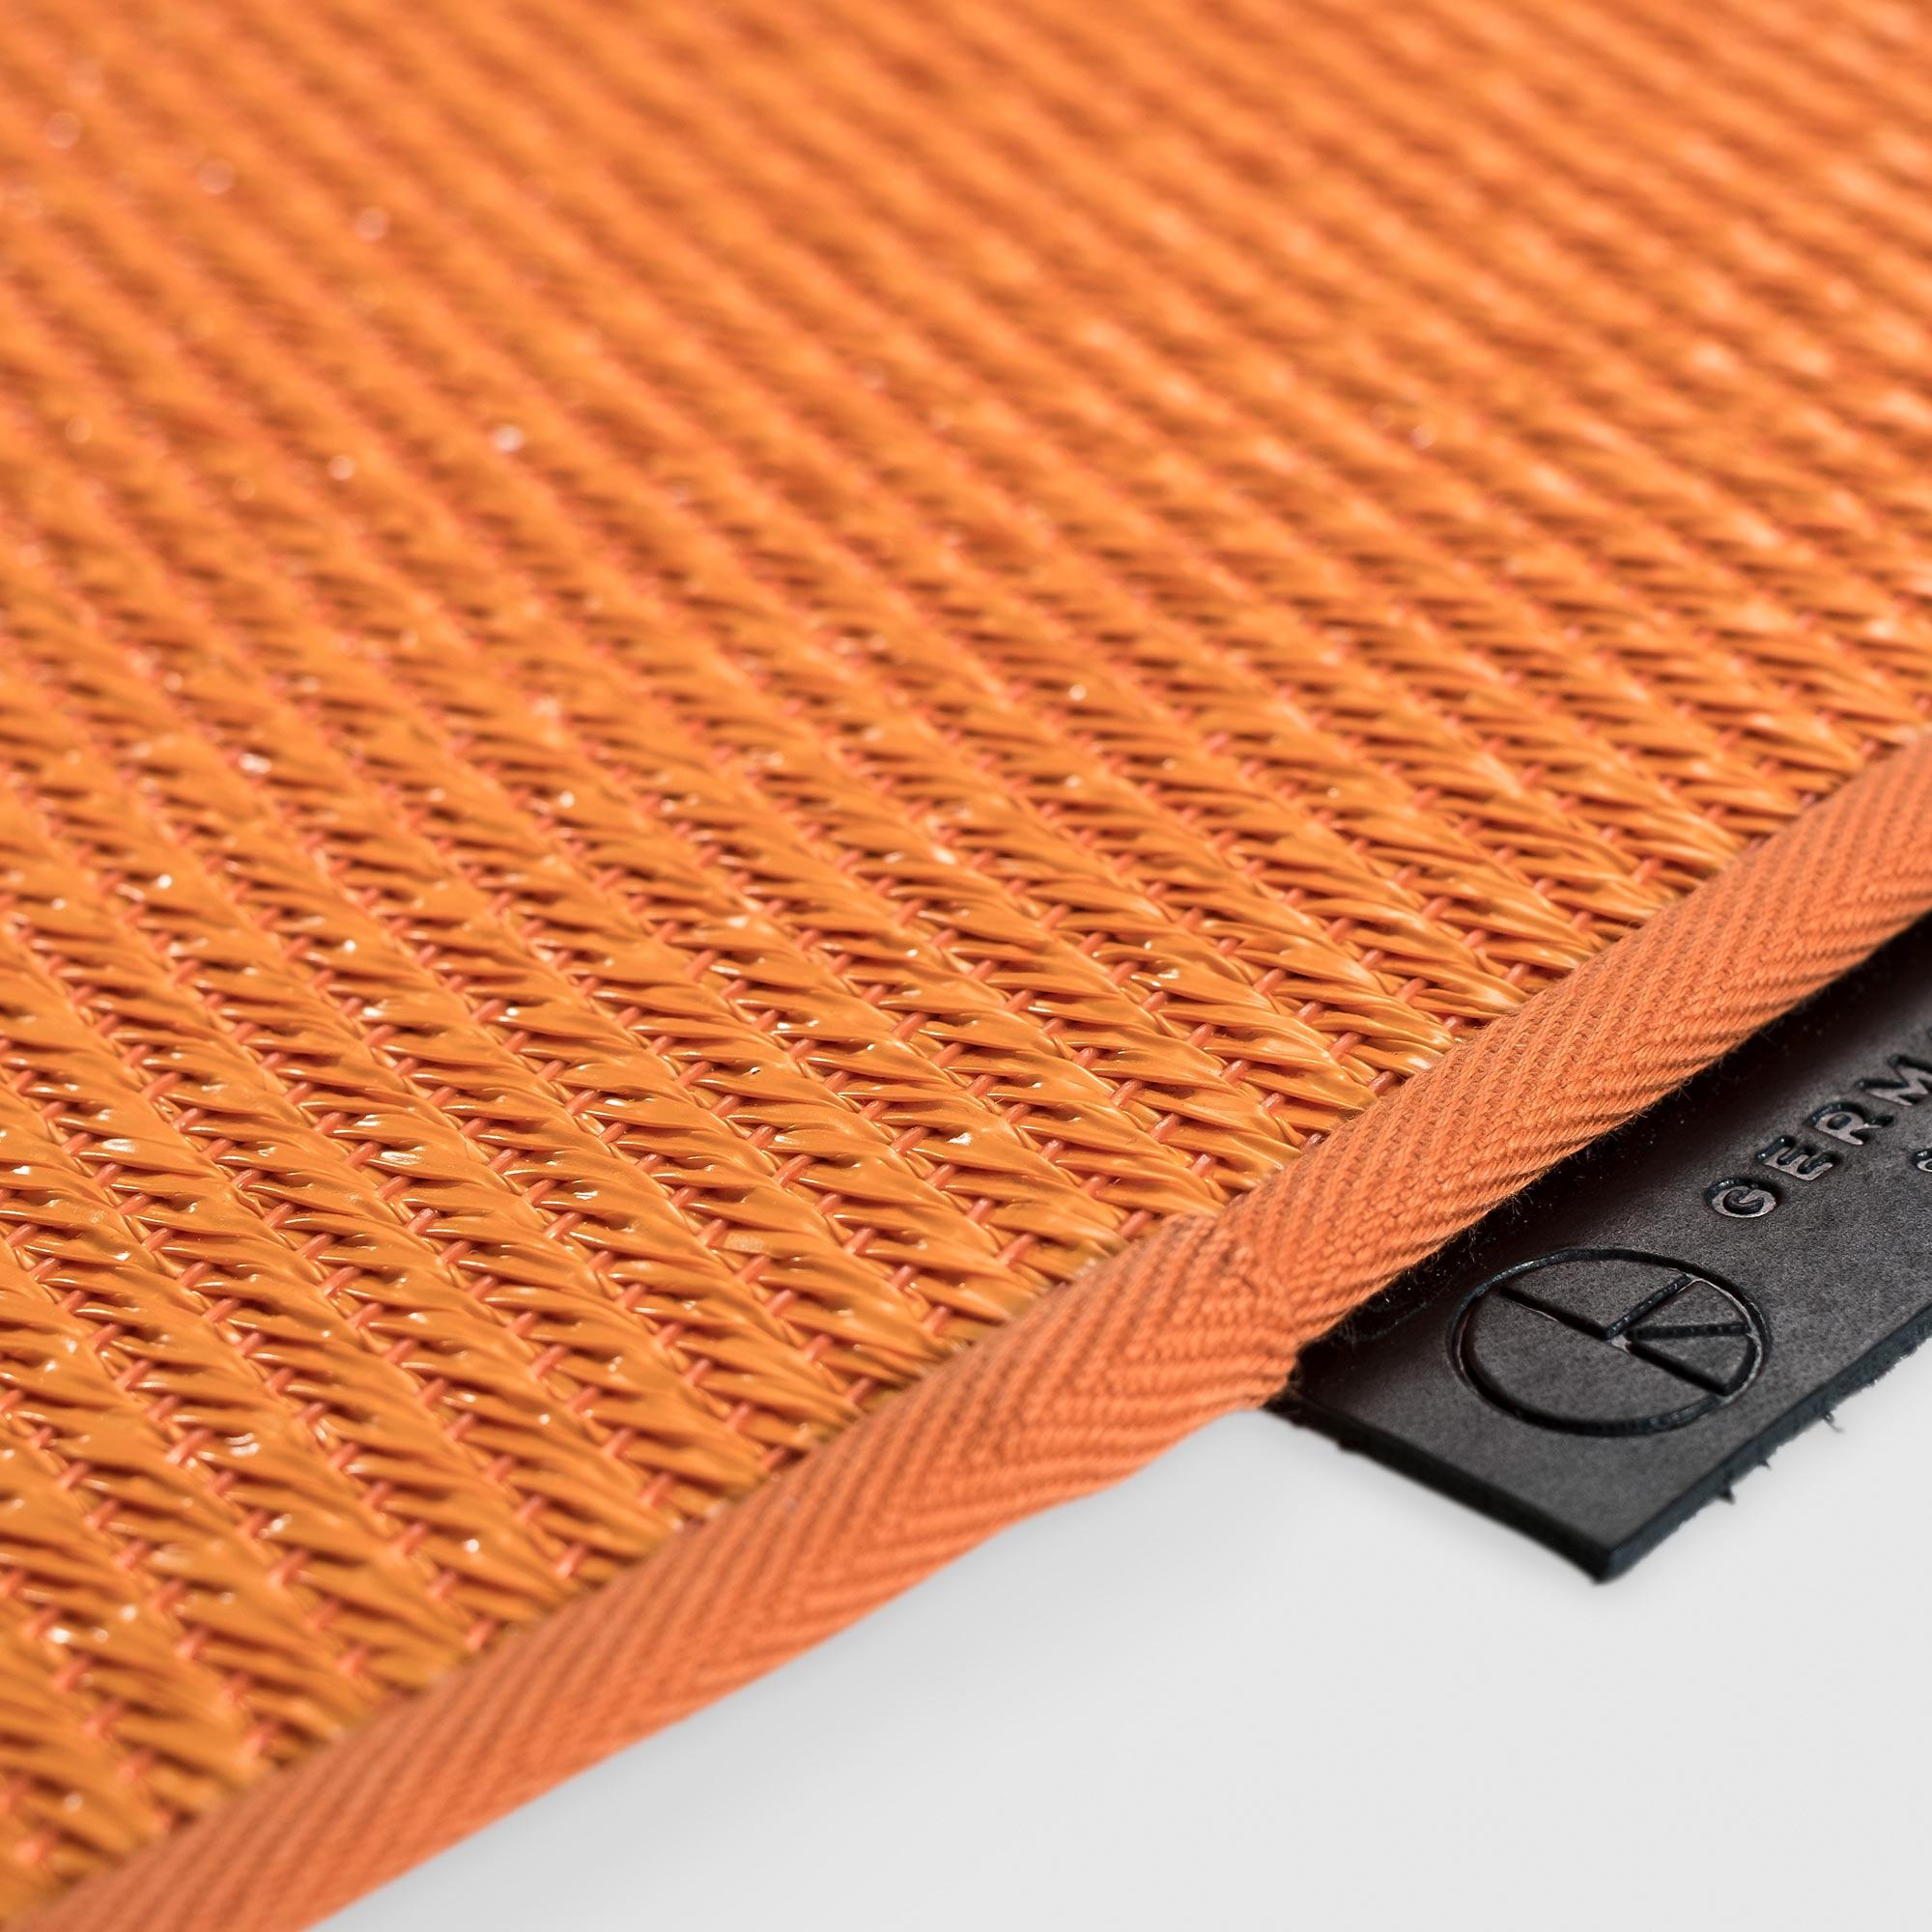 Manhatten Design2